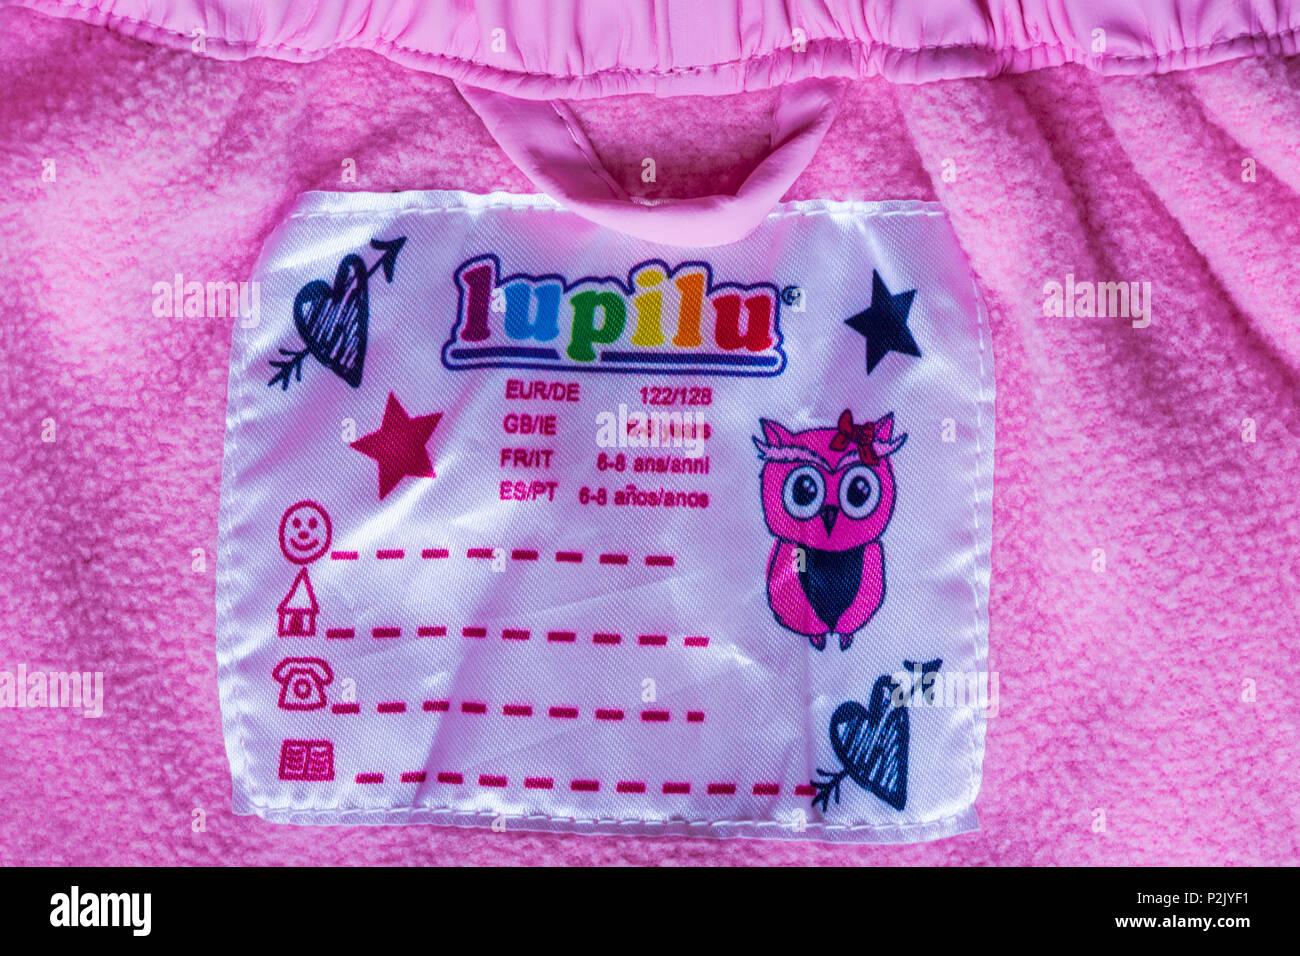 lupilu label in girls leggings 6-8 years - Stock Image